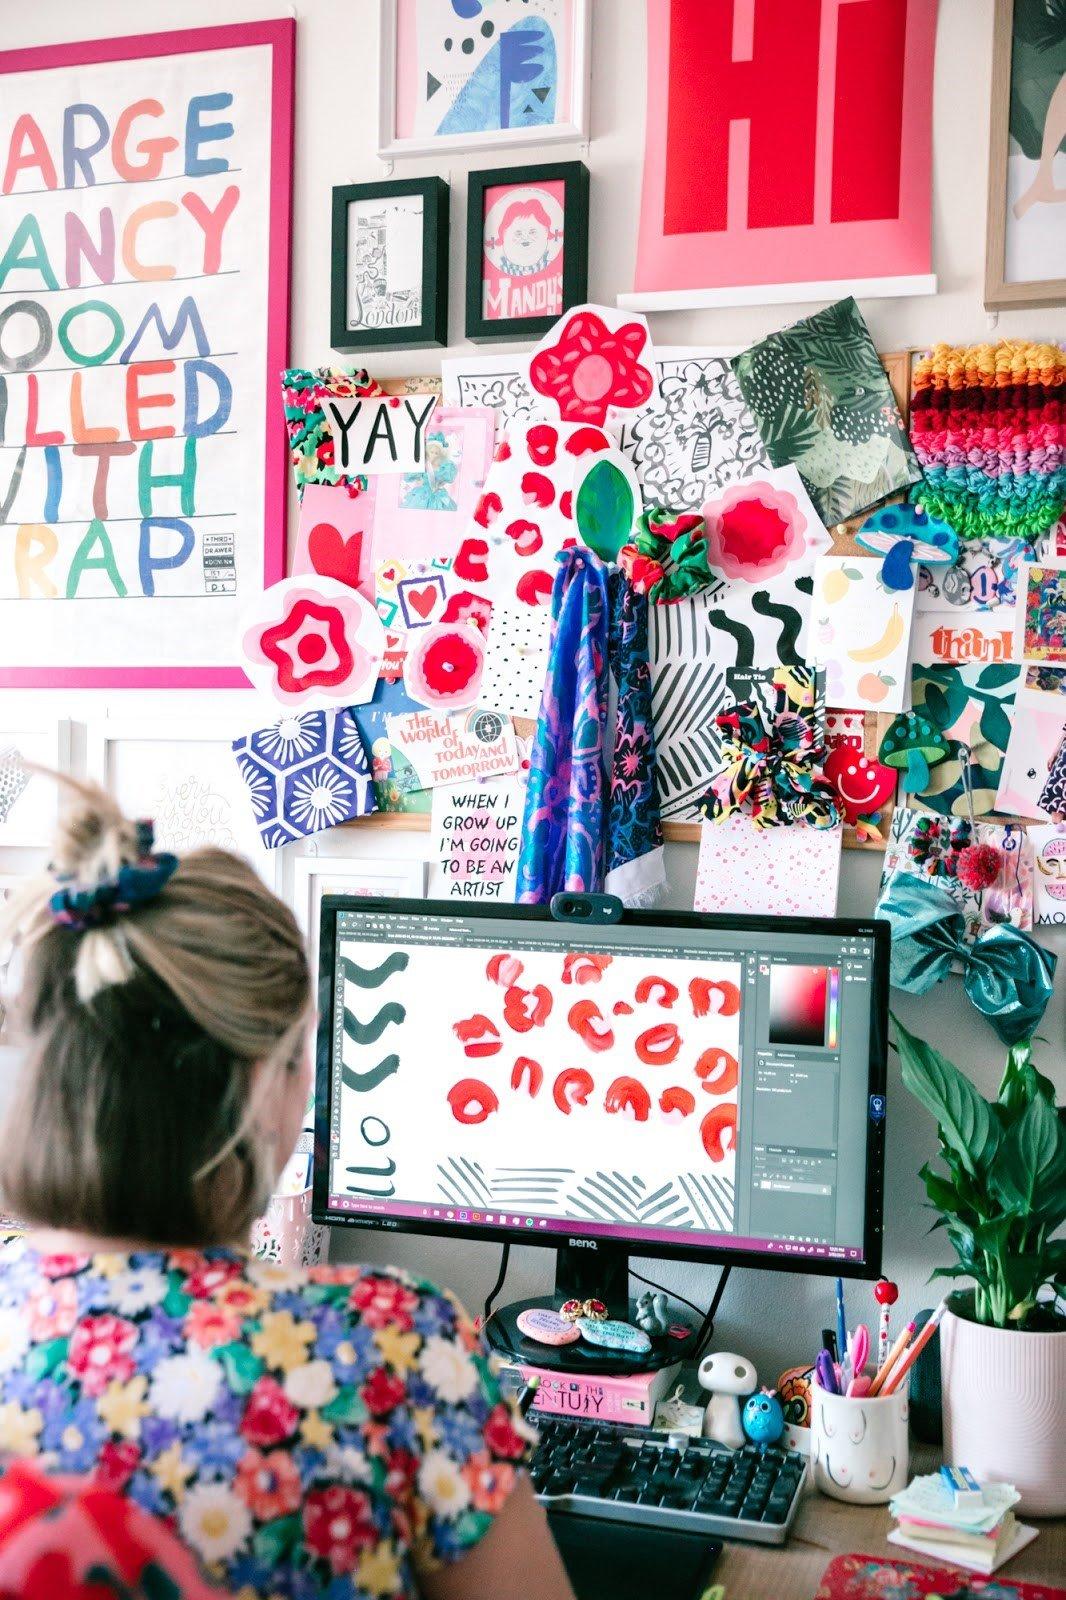 Studio shot - Digital editing of Wild Thing fabric design